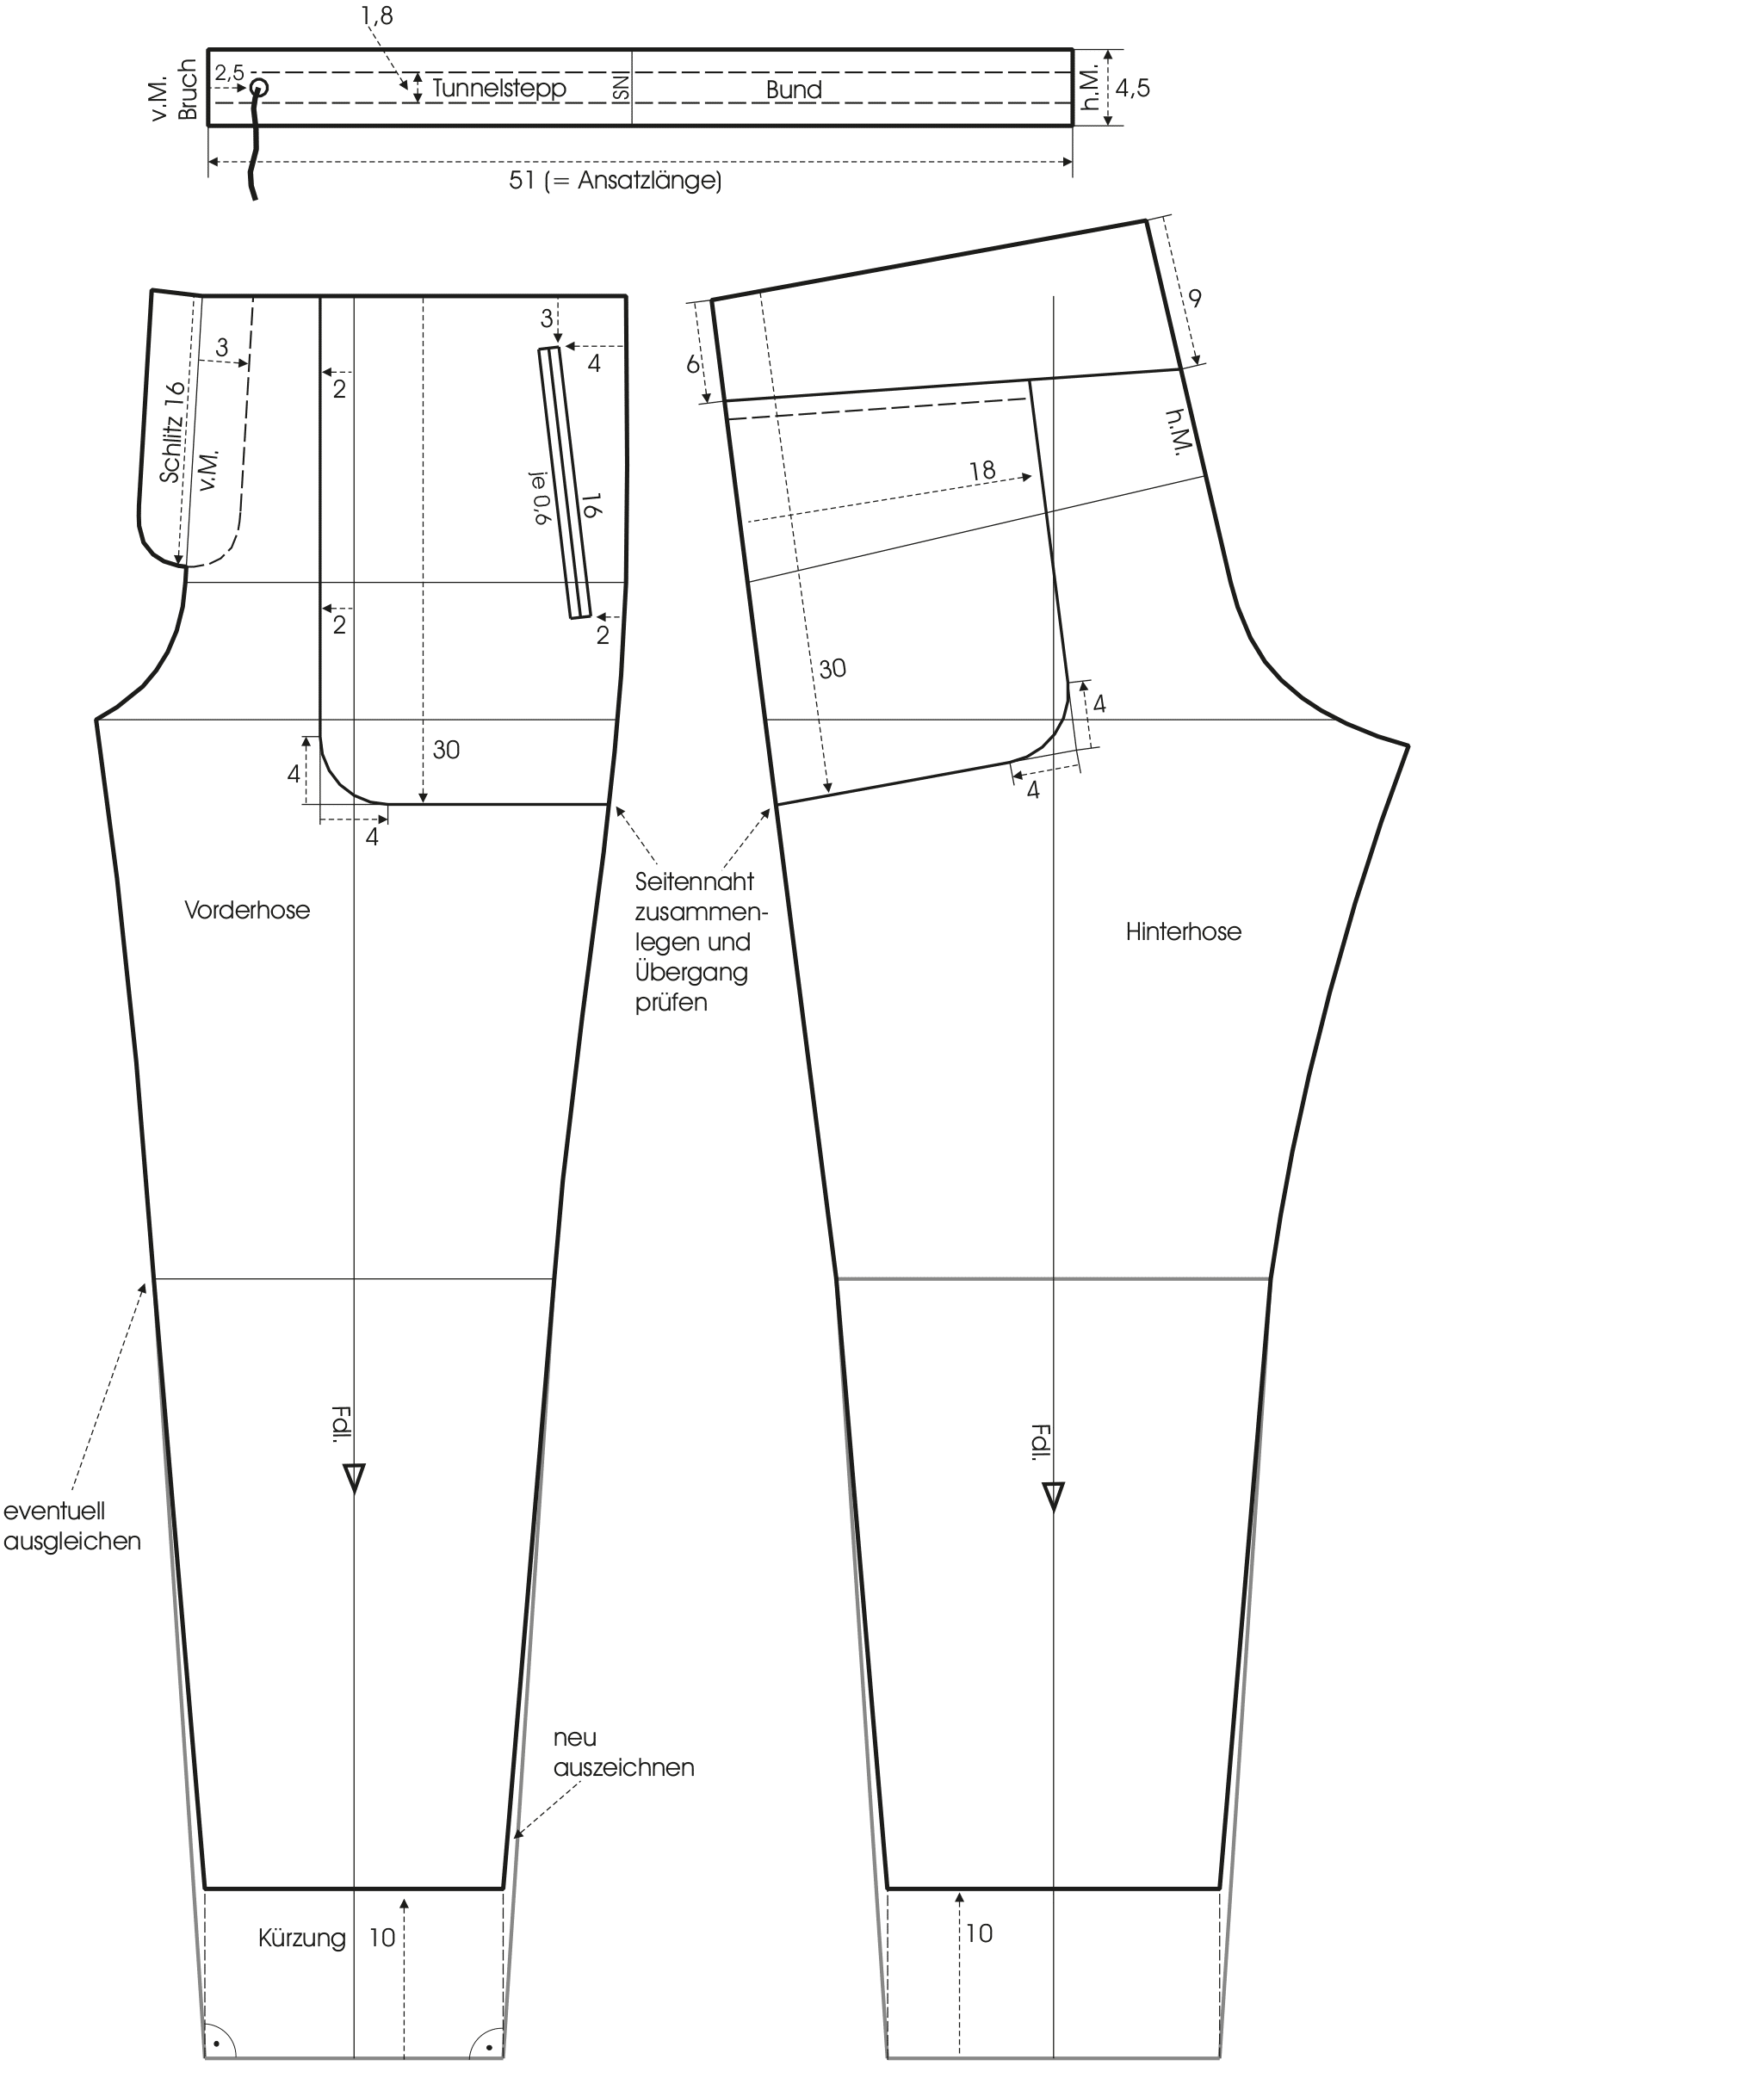 Zu sehen ist die Schnittkonstruktion einer Verkürzte Hose mit aufgesetzten Taschen.